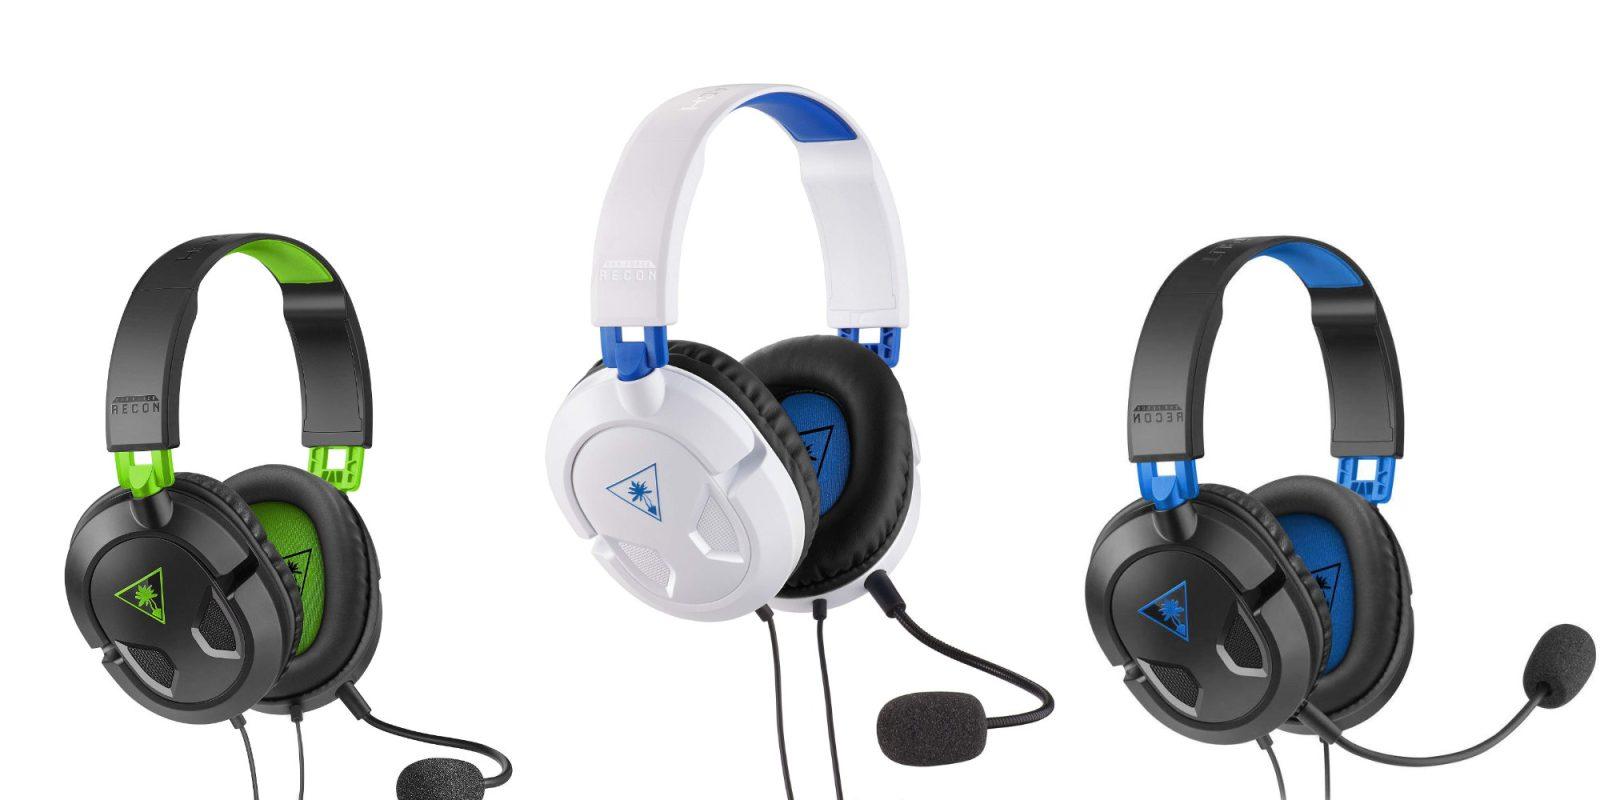 2d5de647fcb Headphones - Page 2 of 84 - 9to5Toys